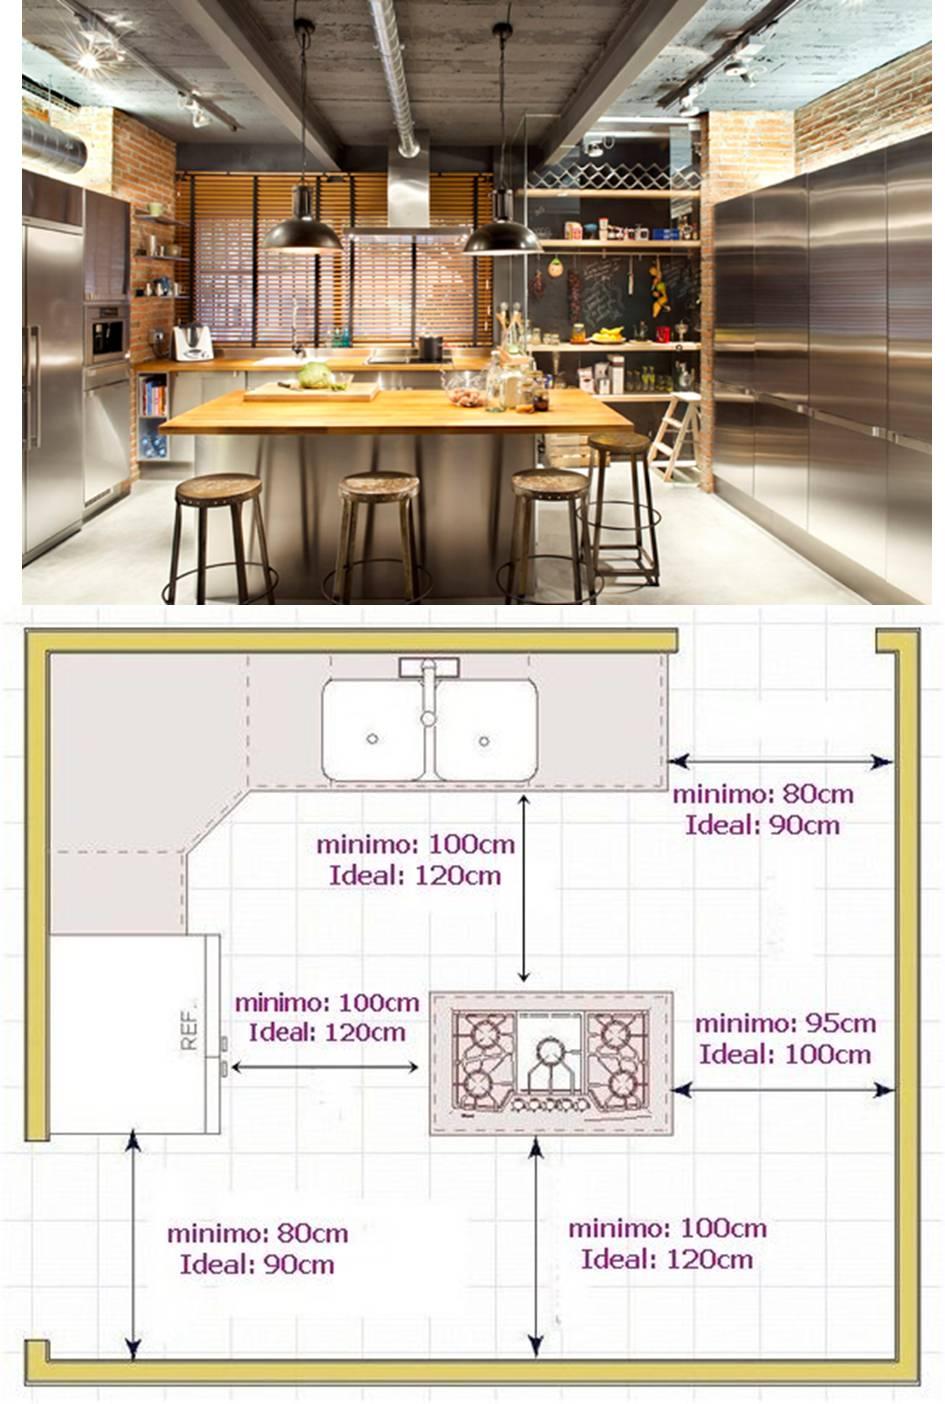 Medidas De Cozinha Medidas De Cozinha Elevaocorte Com Medidas Para